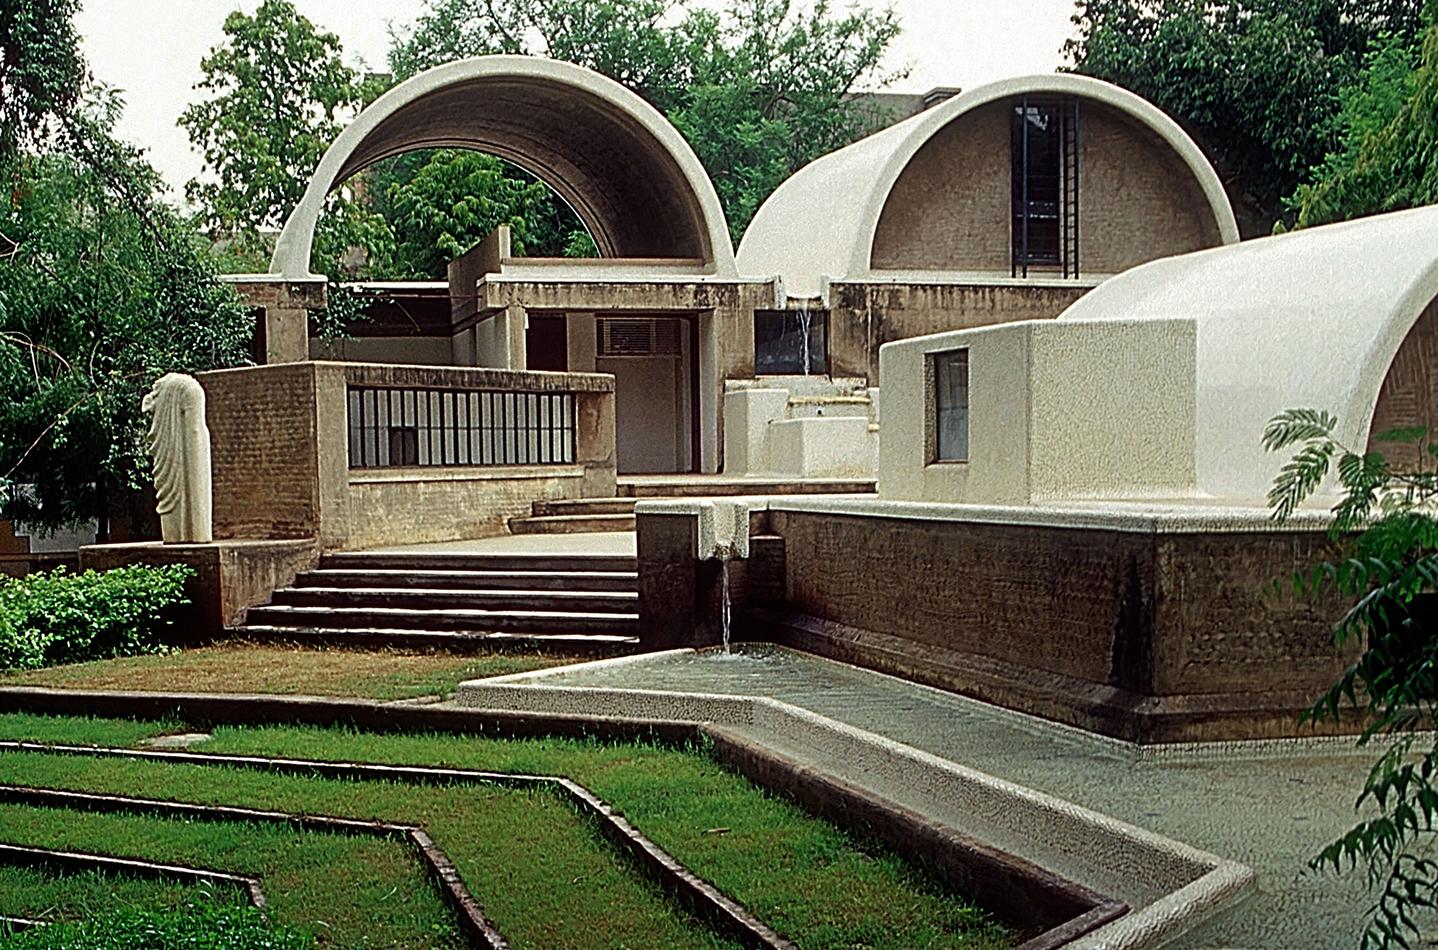 Sangath, o estúdio de arquitetura de Doshi